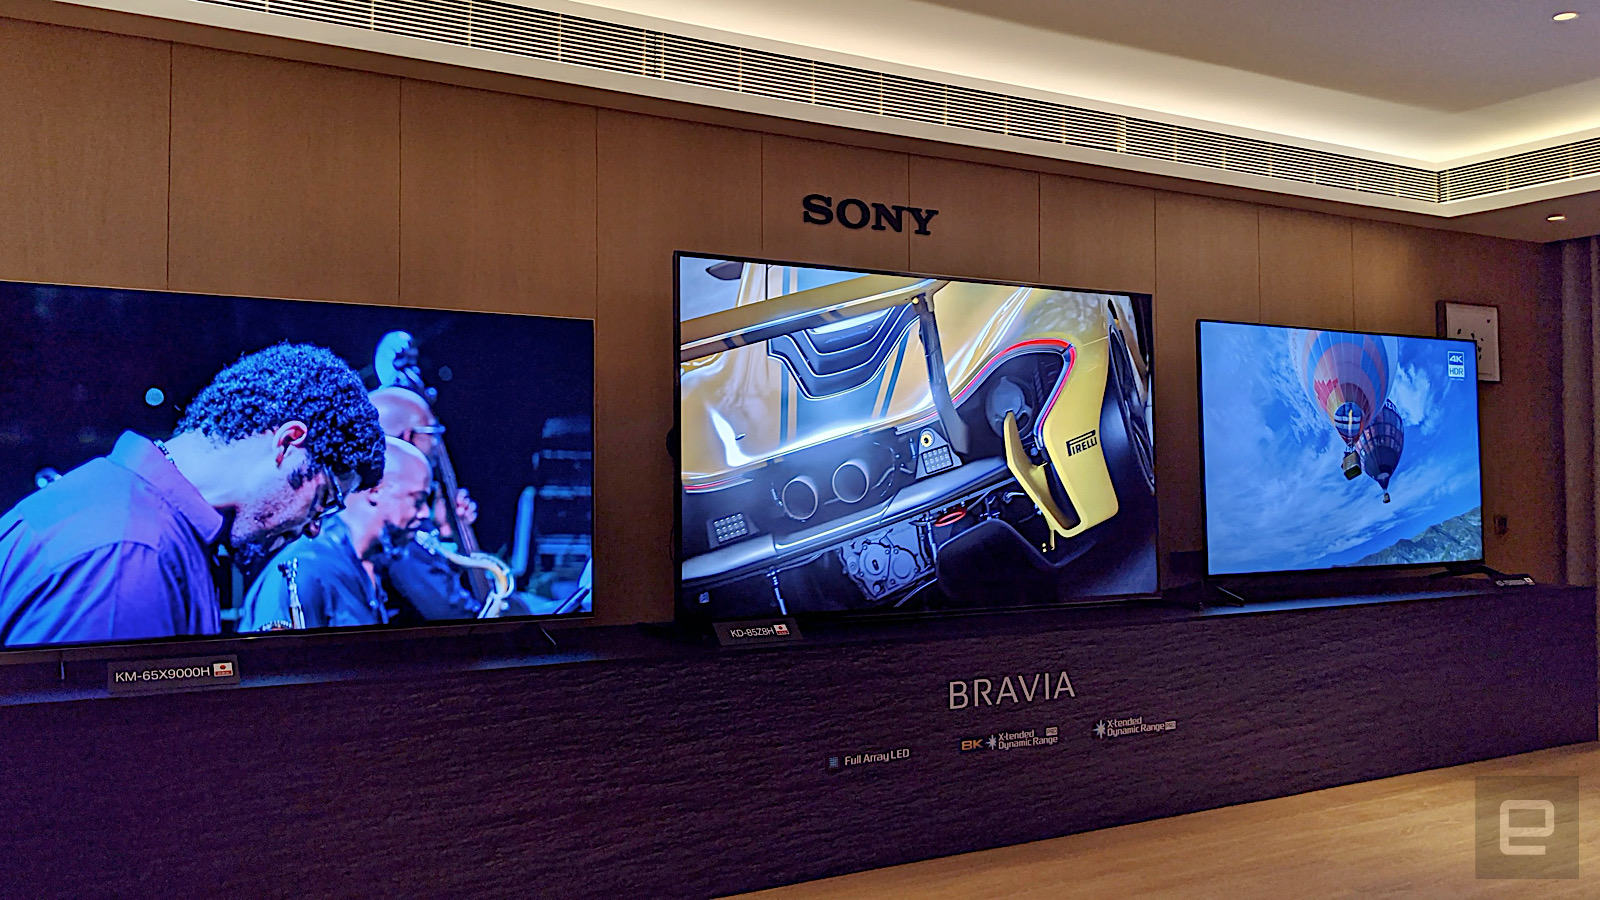 Sony Bravia